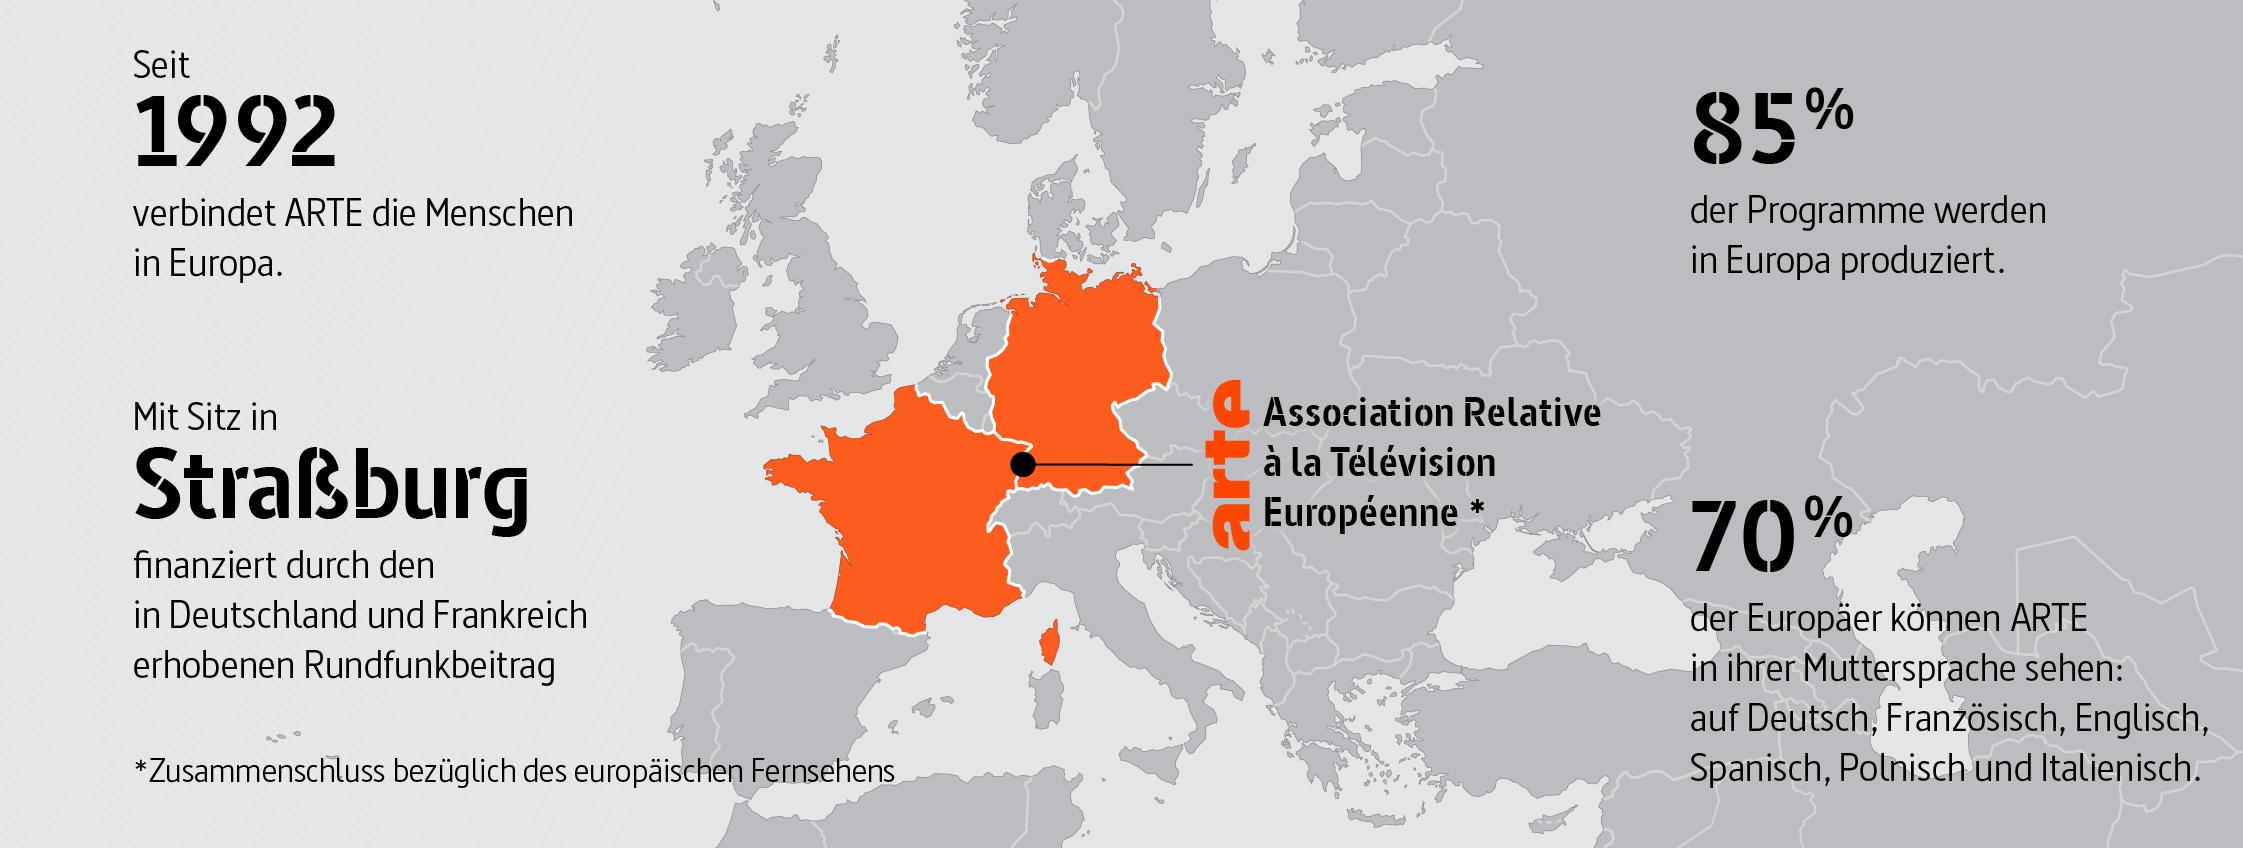 ARTE: Association relative à la télévision européenne (Zusammenschluss bezüglich des europäischen Fernsehens) Seit 1992 verbindet ARTE die Menschen in Europa. Mit Sitz in Straßburg, finanziert durch den in Deutschland und Frankreich erhobenen Rundfunkbeitrag 85 % der Programme werden in Europa produziert. 70 % der Europäer können ARTE in ihrer Muttersprache sehen: auf Deutsch, Französisch, Englisch, Spanisch, Polnisch und Italienisch.